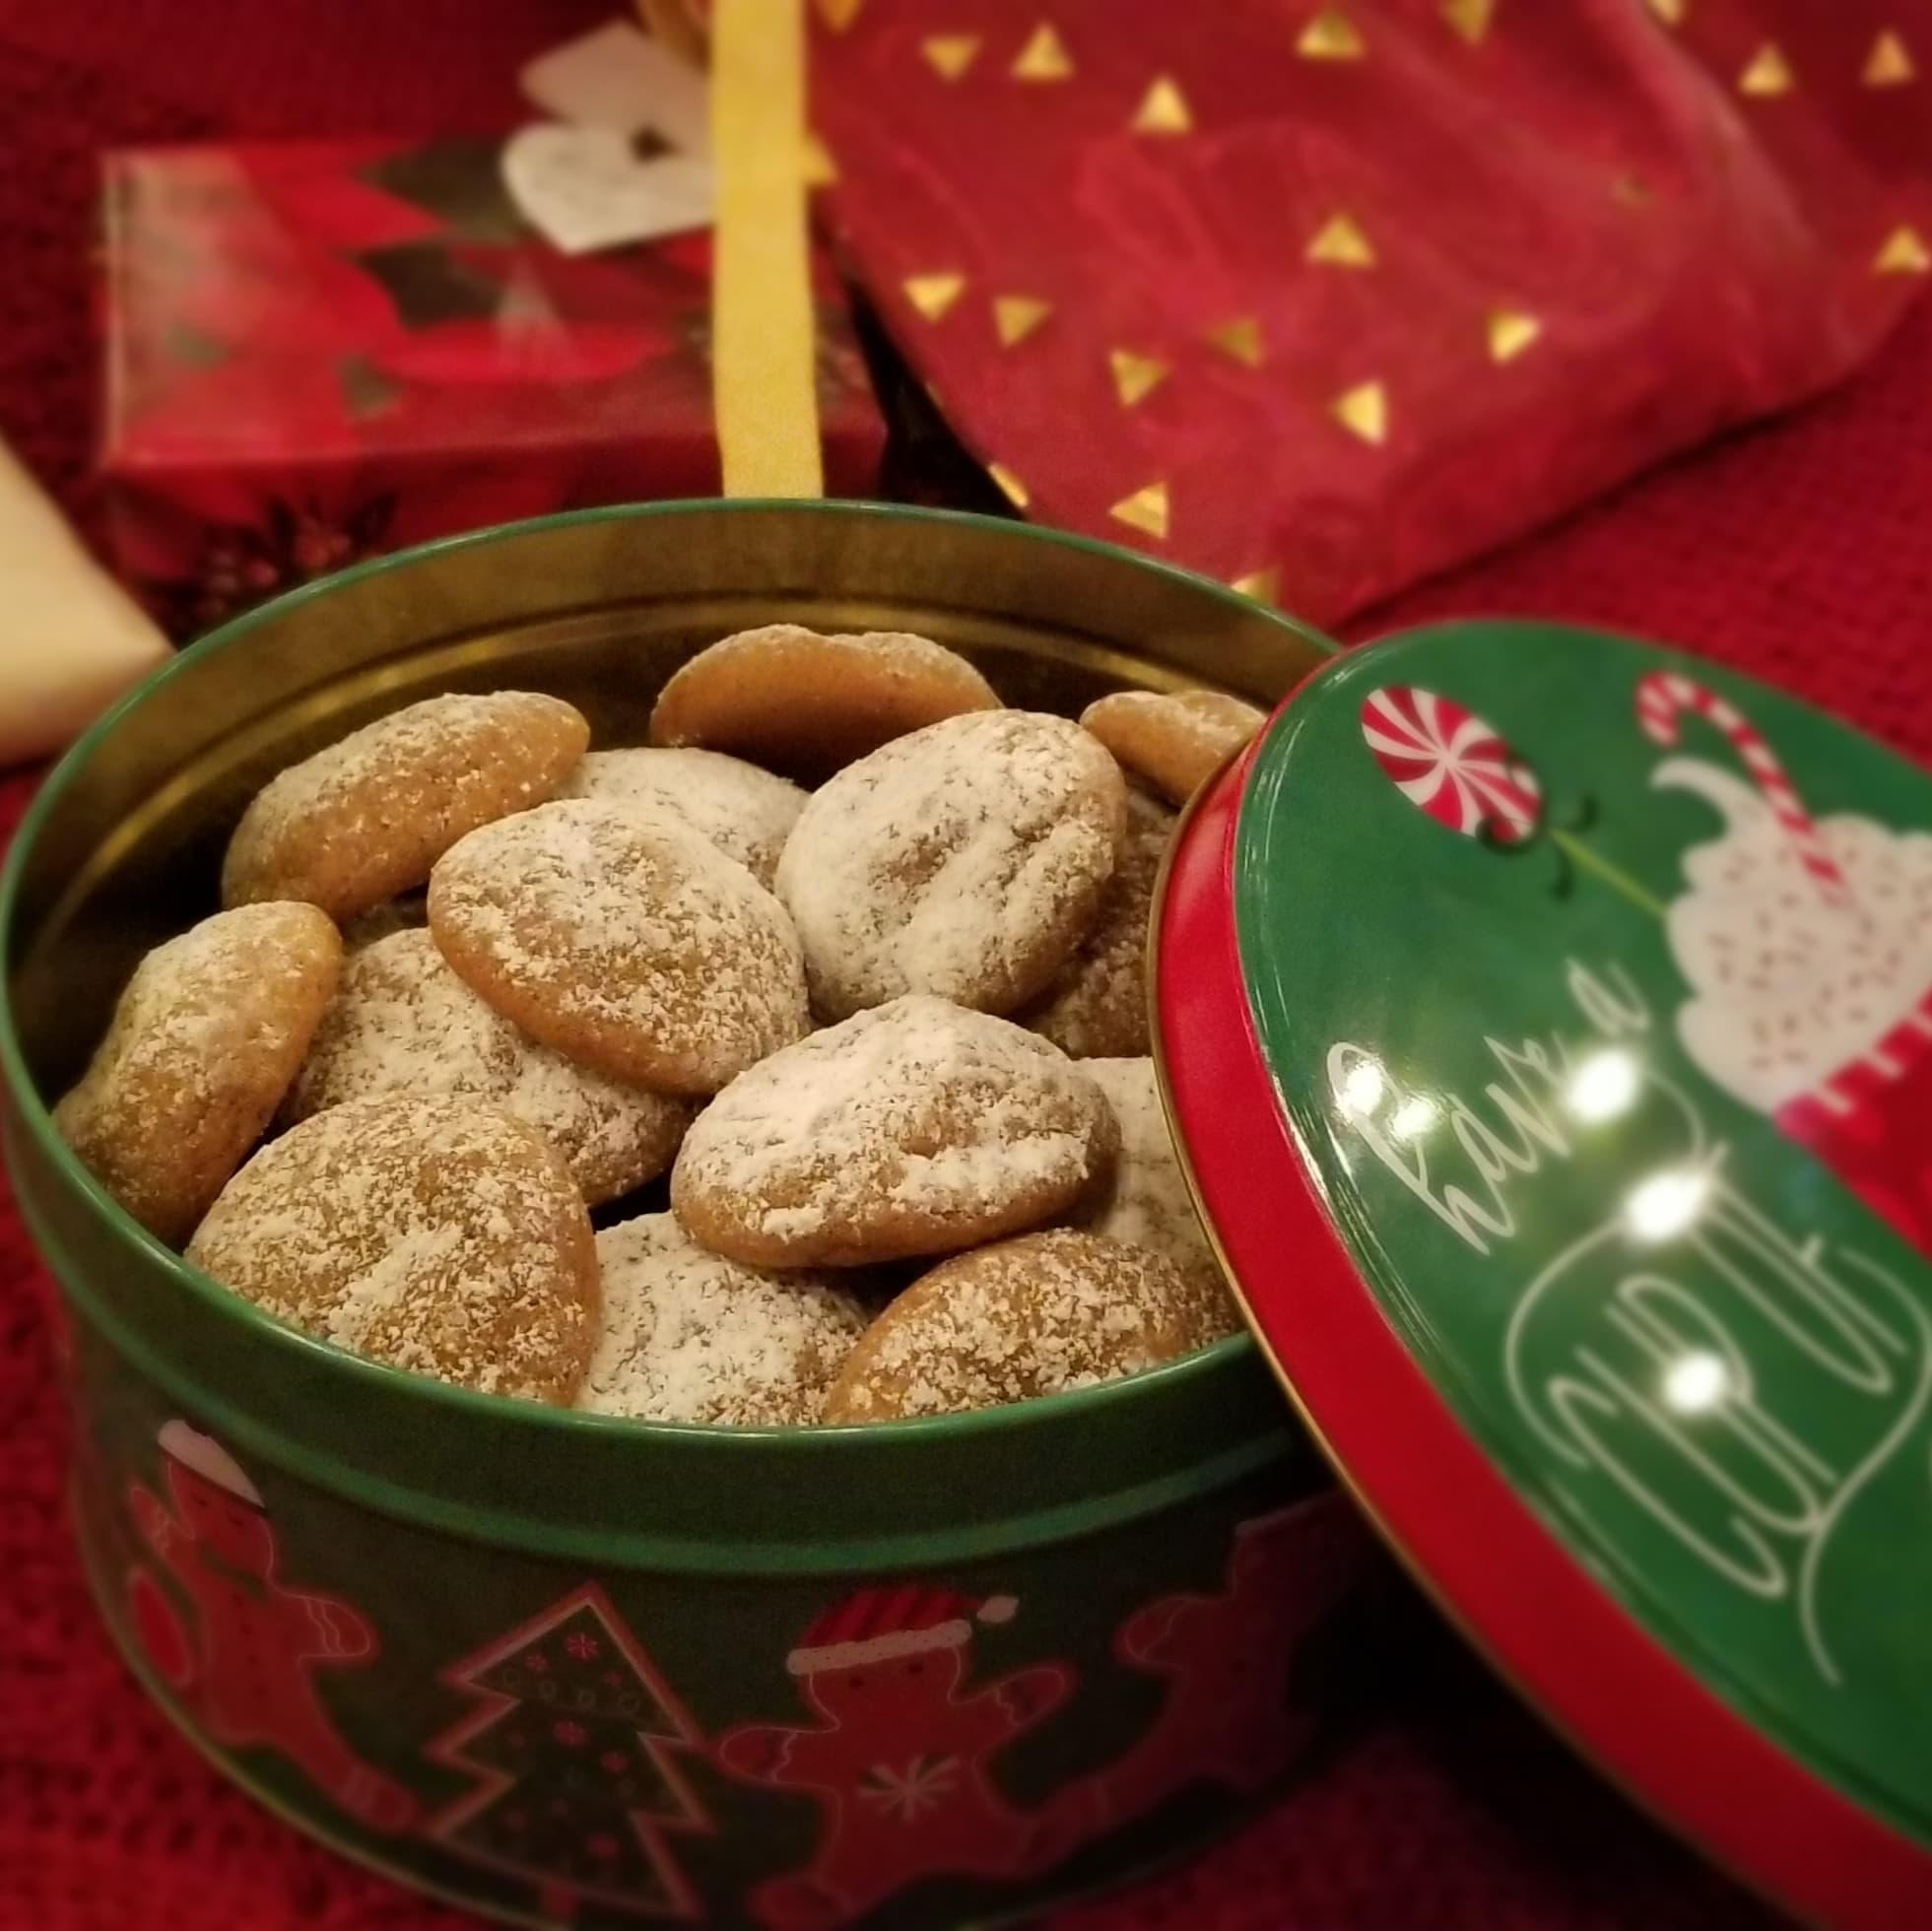 Pfeffernüsse Cookies (Chewy German Spice Cookies)